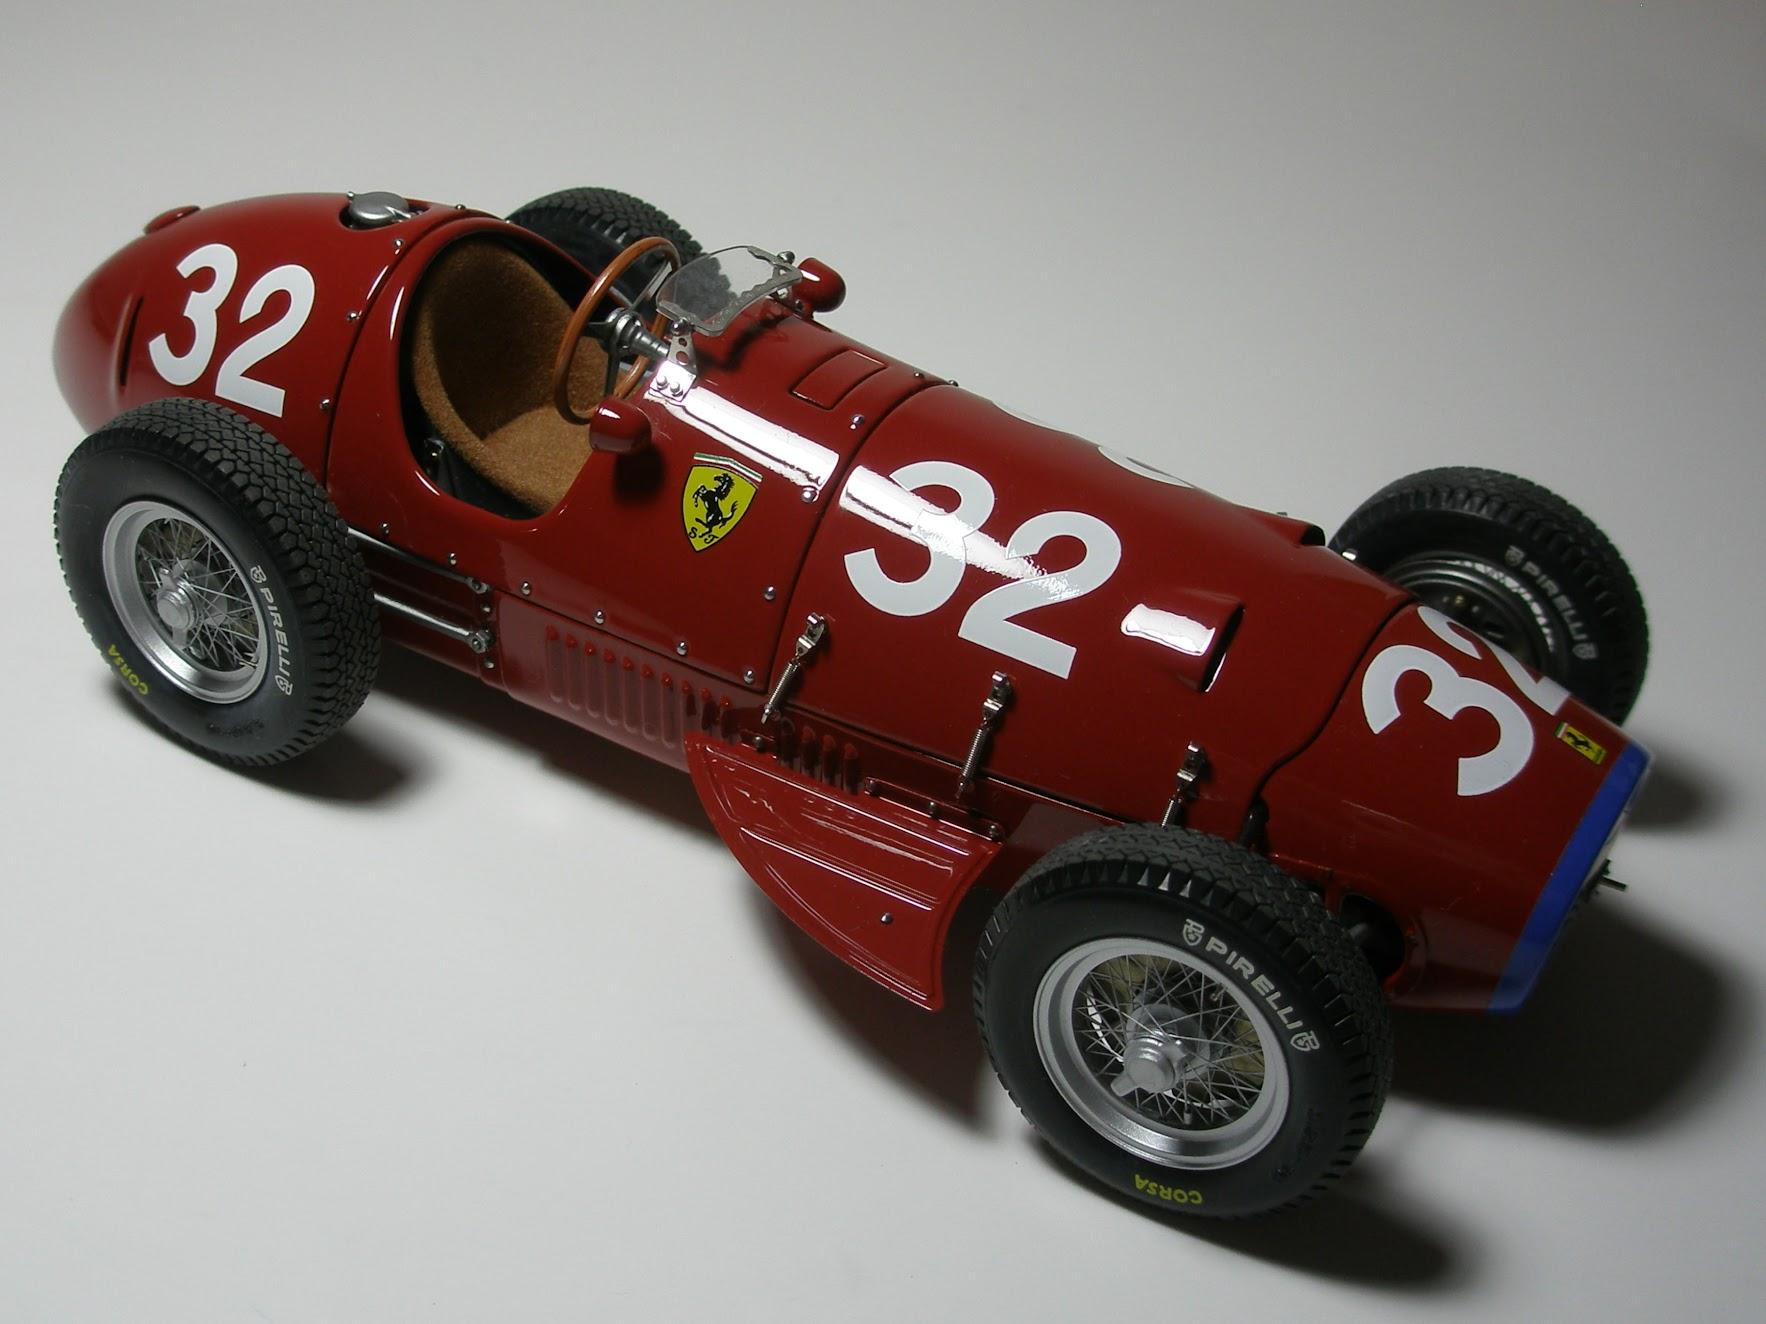 Ferrari F500 F2 N32